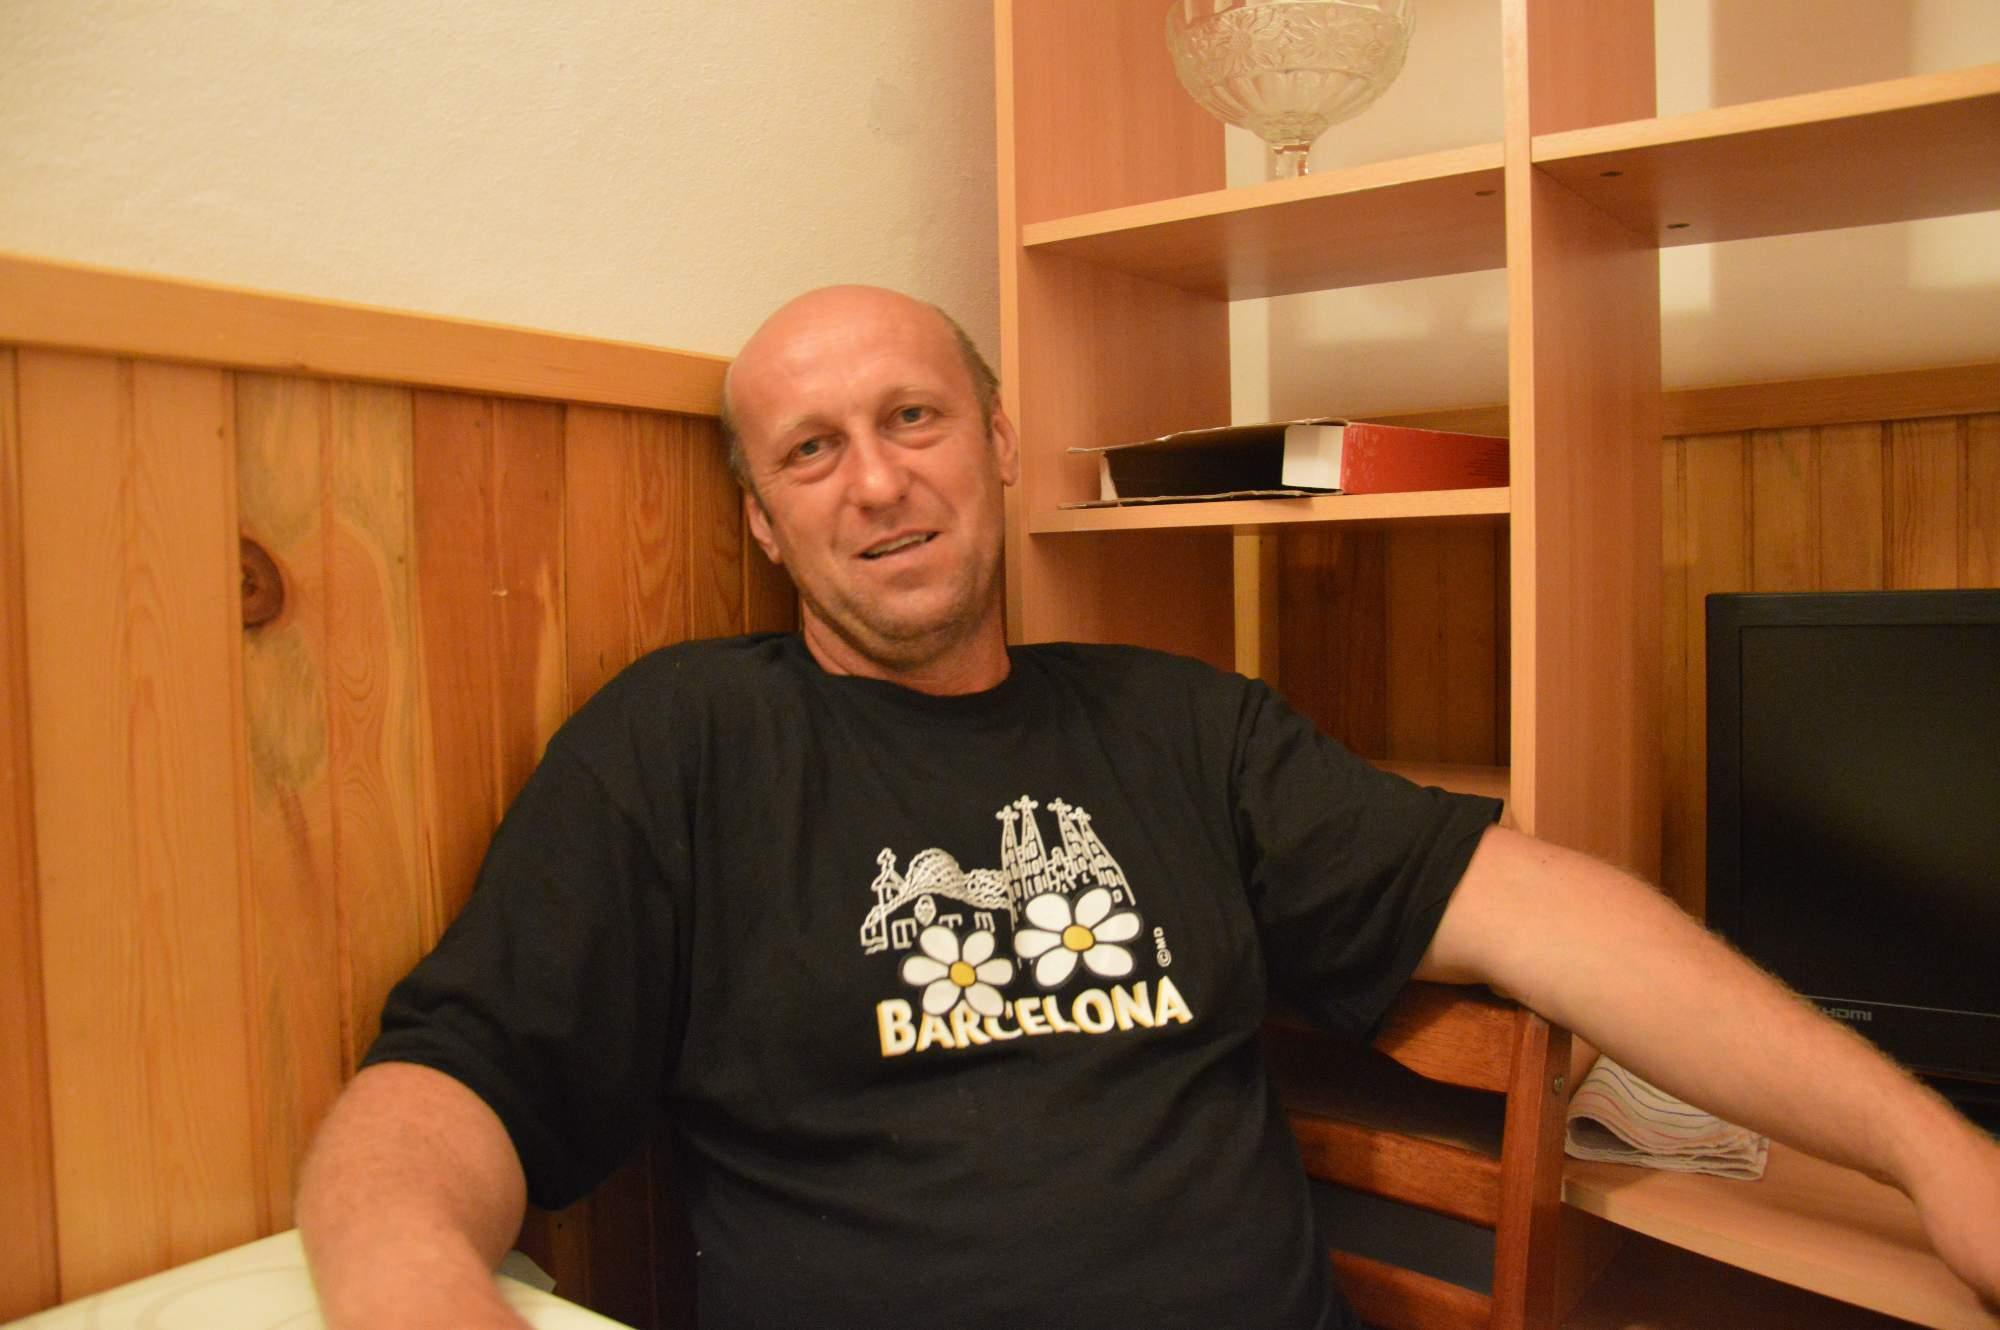 http://img19.rajce.idnes.cz/d1902/11/11369/11369498_ba1b1cc51aa2b100ecd01c05fe1b9075/images/DSC_0820.jpg